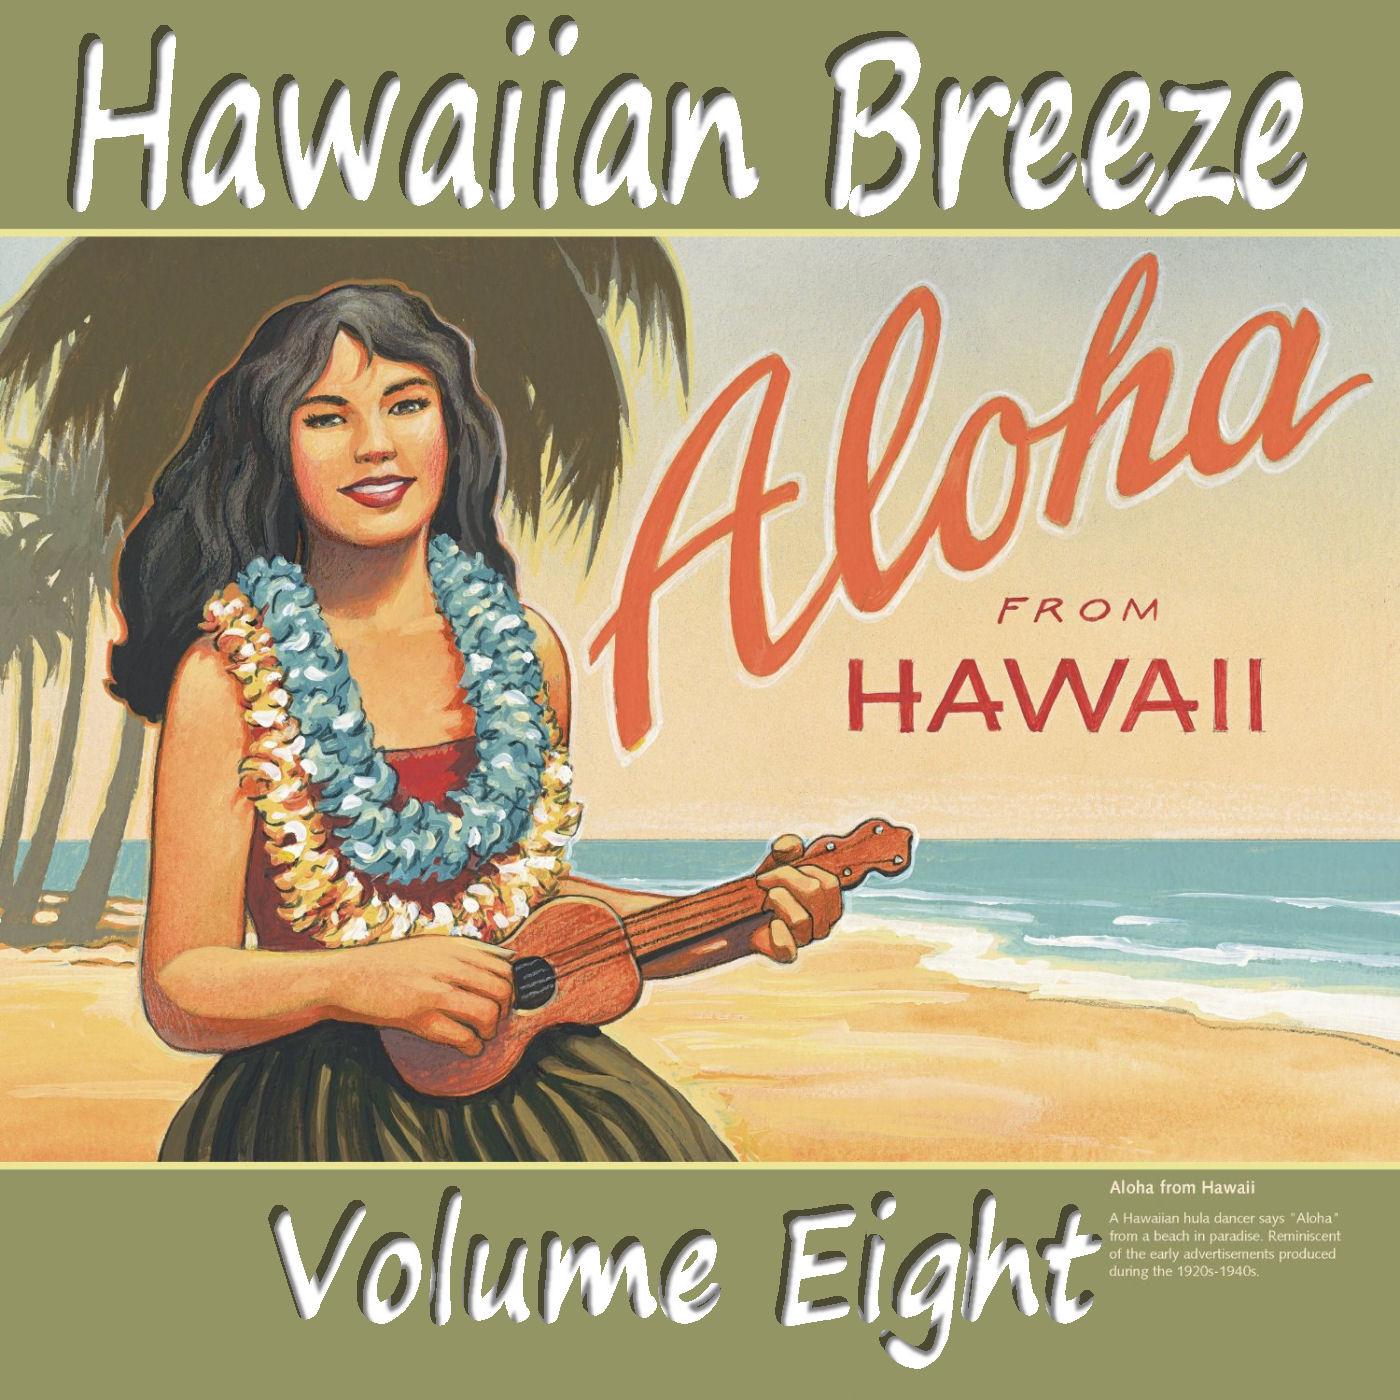 Hawaiianbreezevol8_small